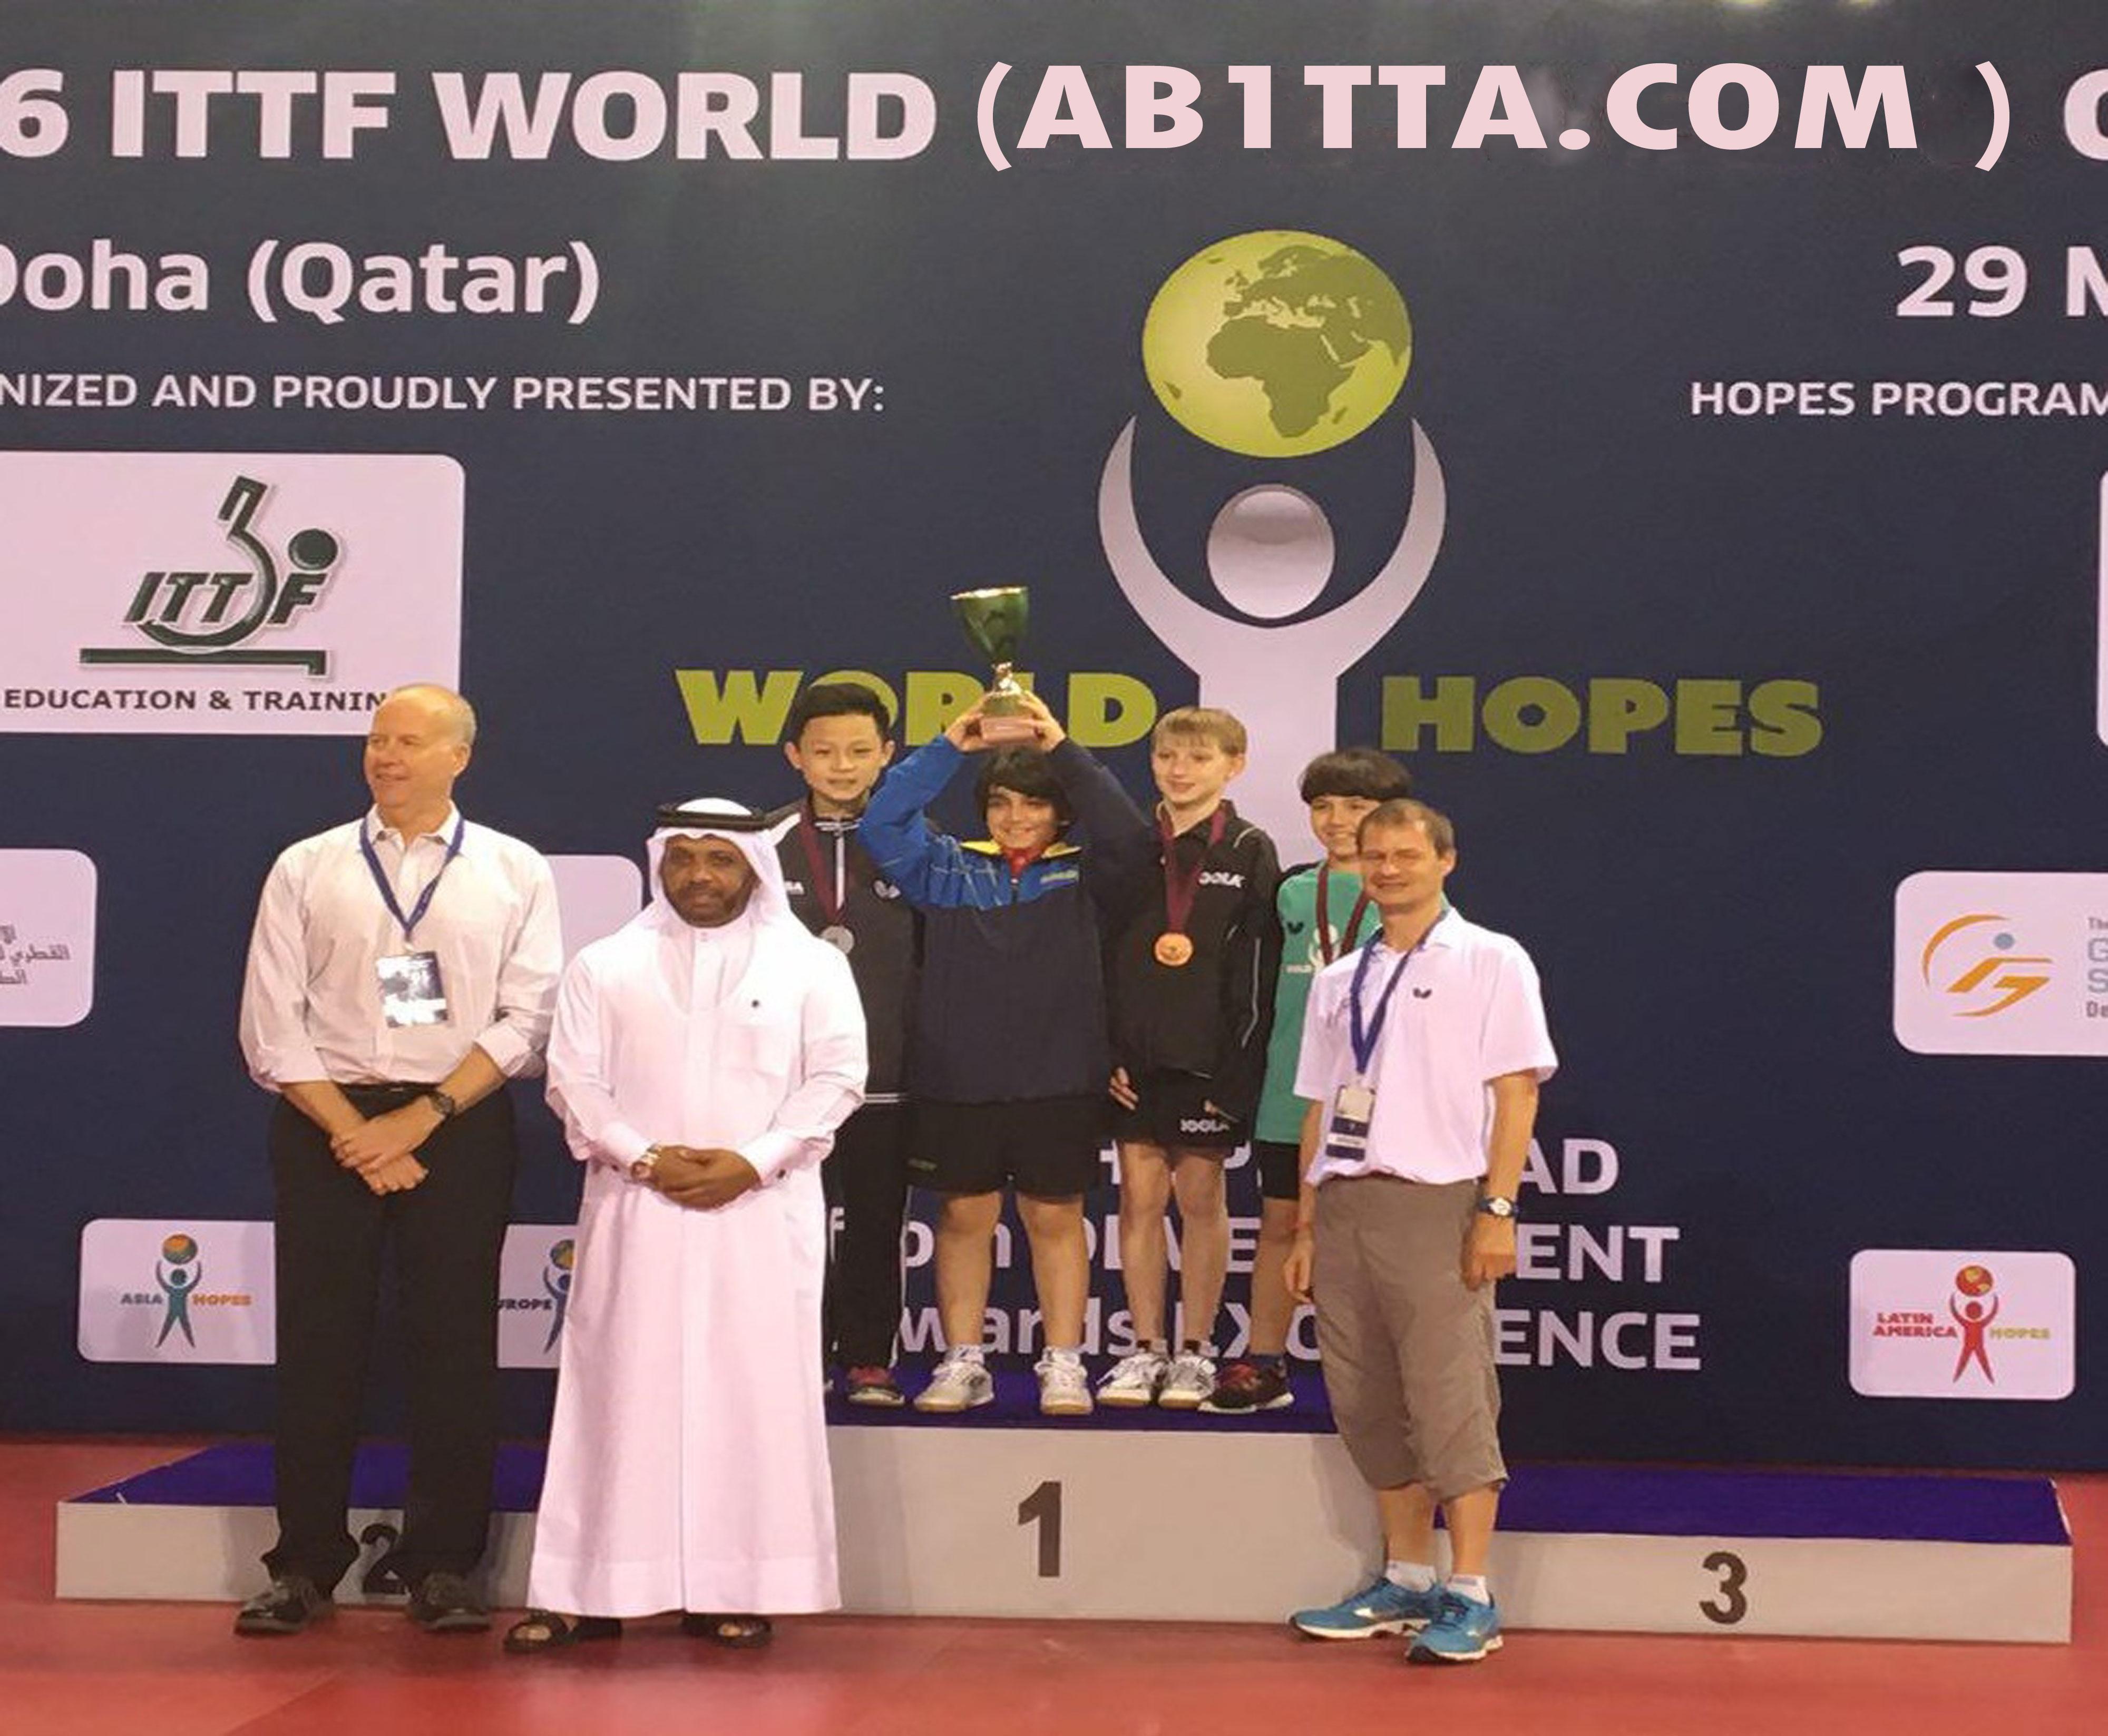 پایان مسابقات طرح هوپس جهانی در دوحه  با قهرمانی نونهال ایرانی